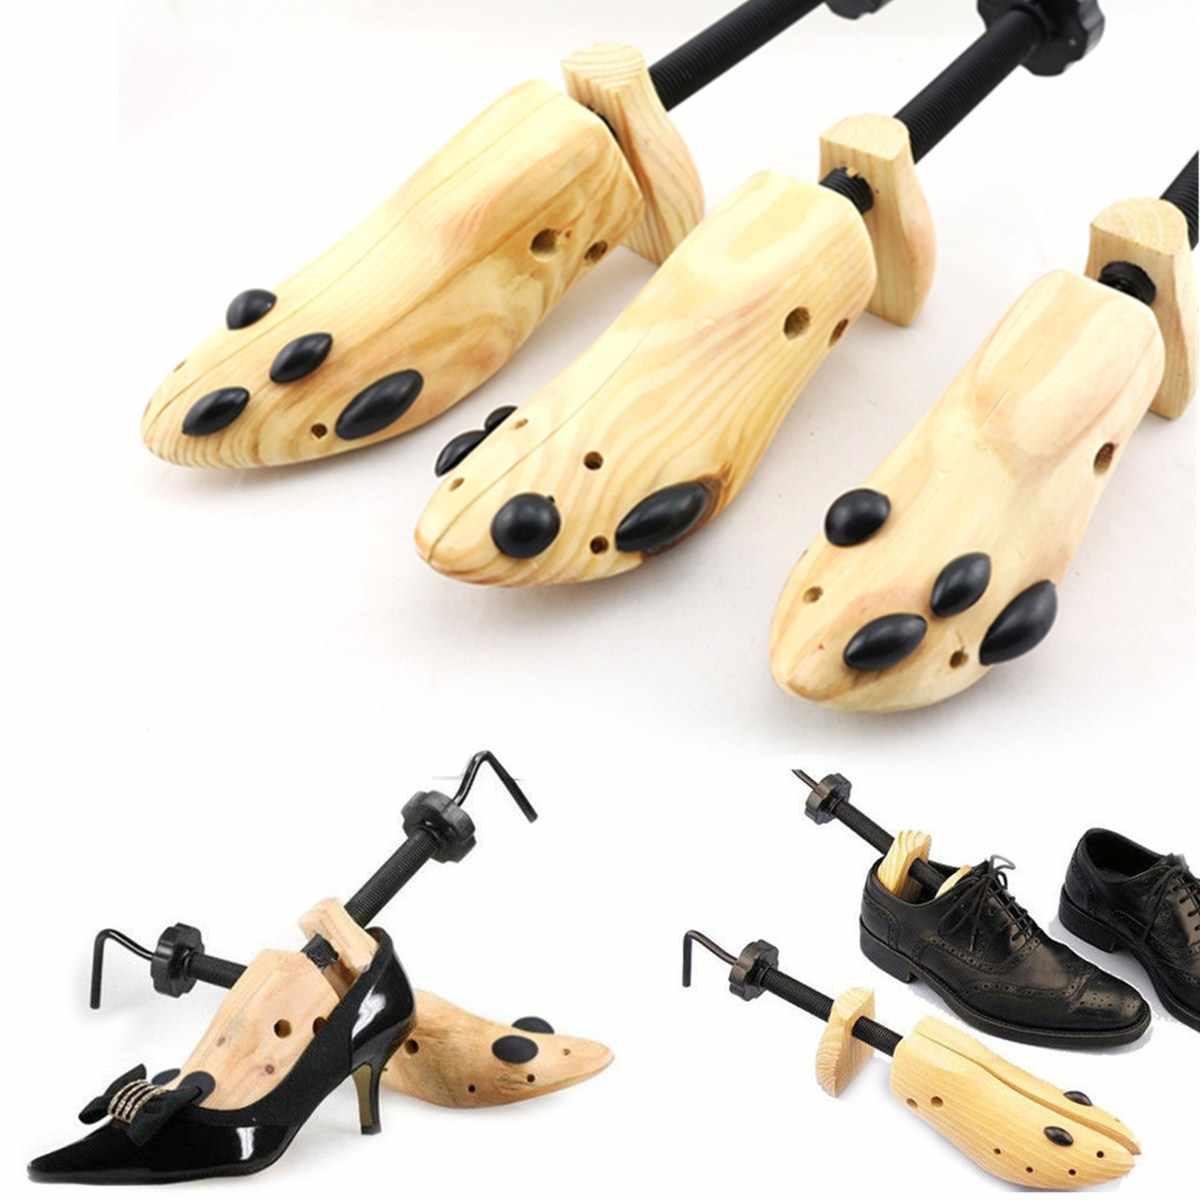 BSAID 1 Parça Ayakkabı Sedye Ayakkabı Ağacı Şekillendirici Rafı, ayarlanabilir Ahşap Pompaları Botları Genişletici Ağaçları Boyutu S/M/L Kadın Ve Erkek